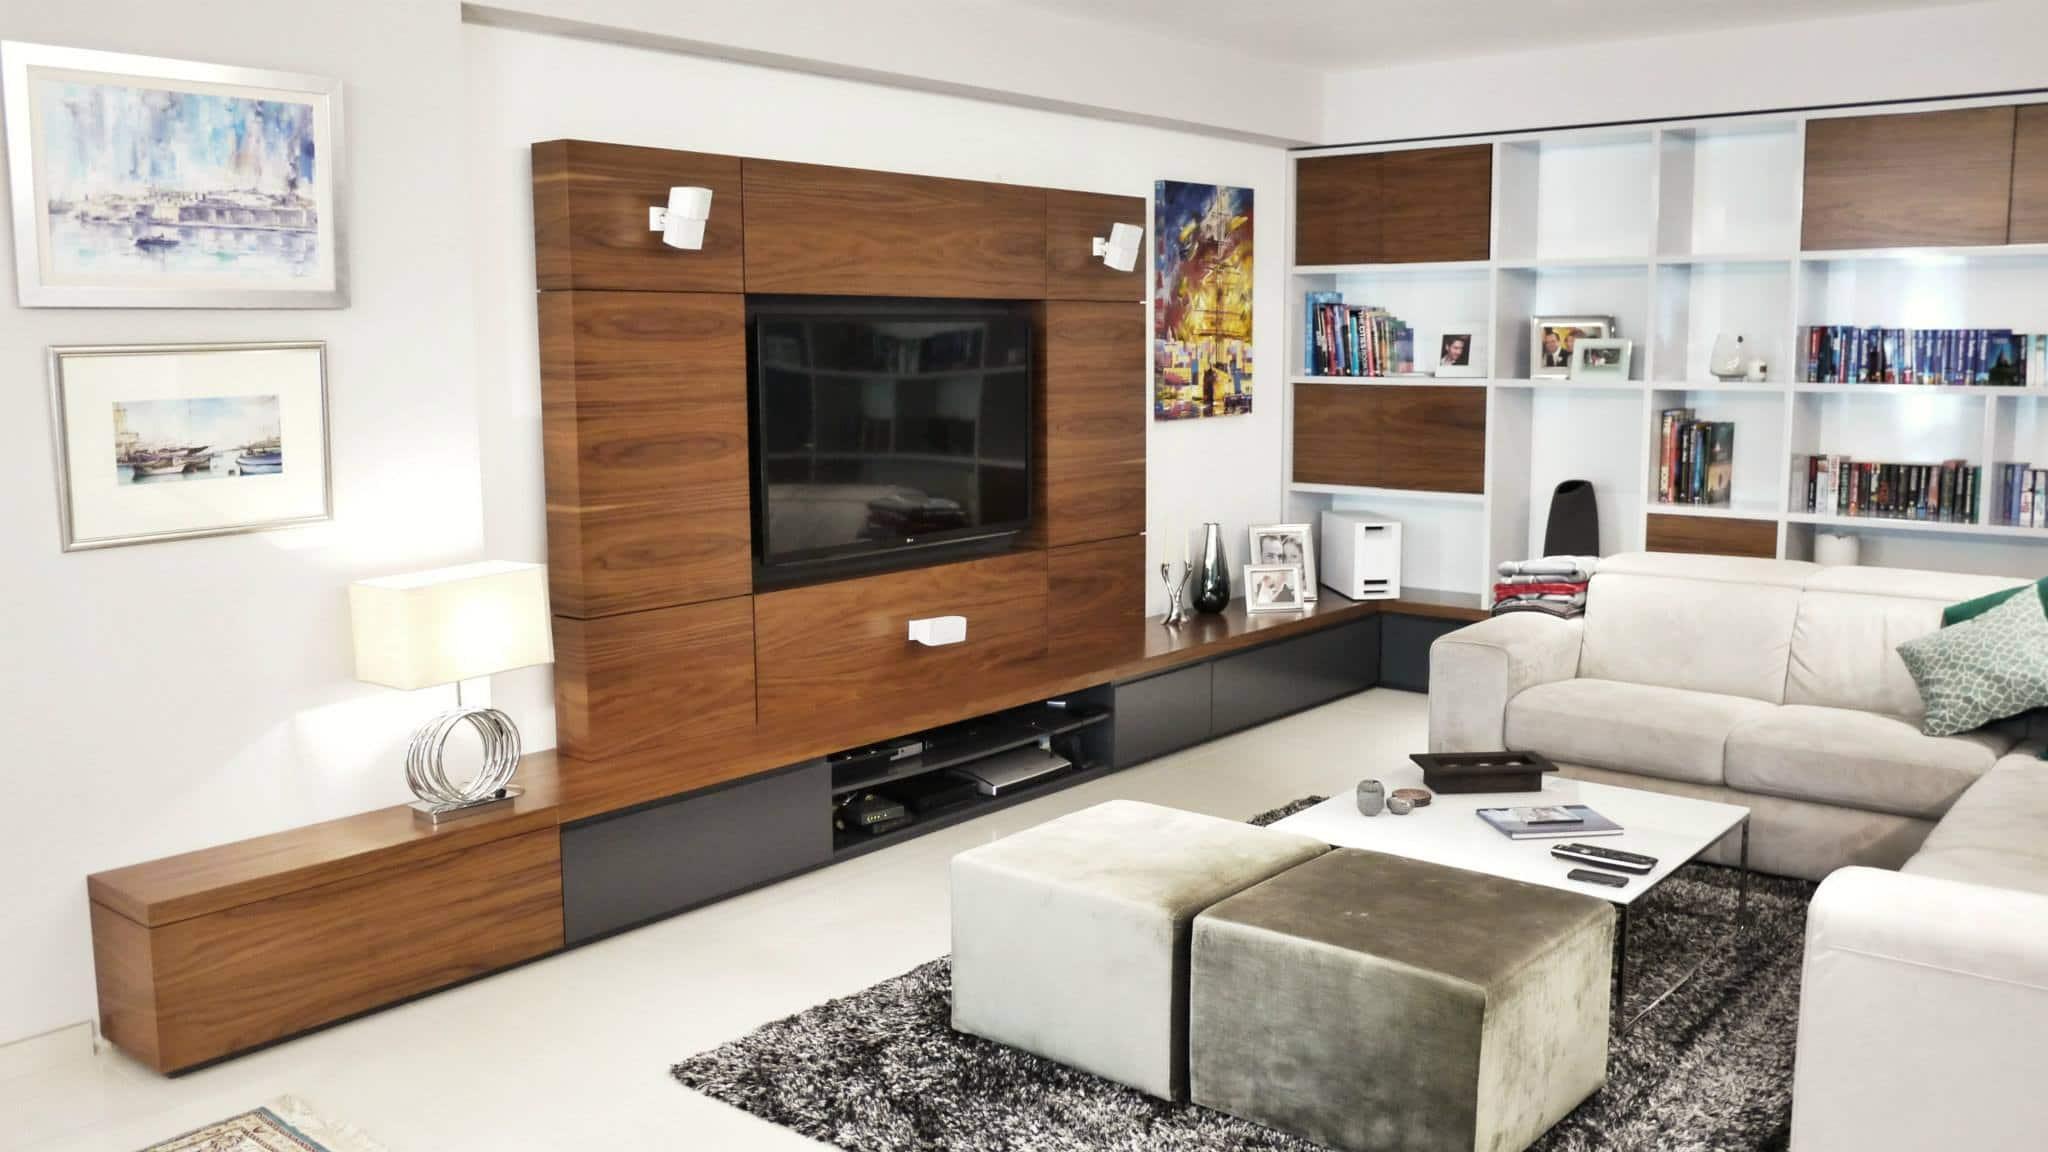 Apartment Key Contractors Ltd